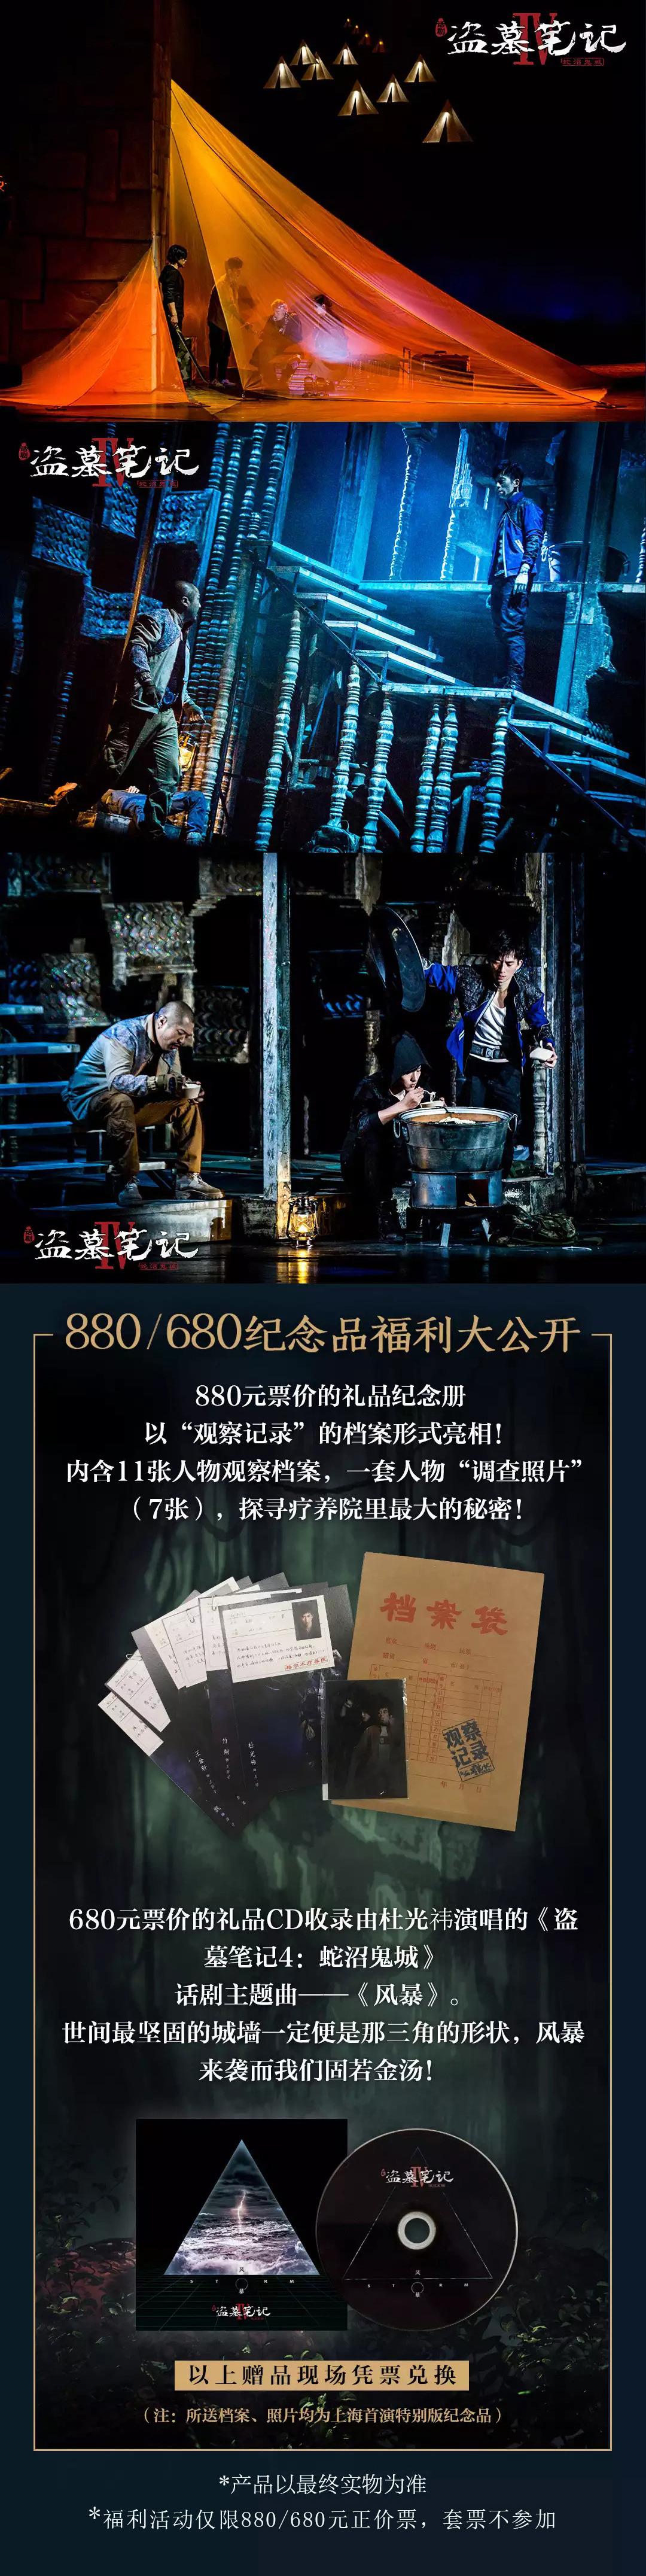 2021大型魔幻惊悚话剧《盗墓笔记IV:蛇沼鬼城》-杭州站